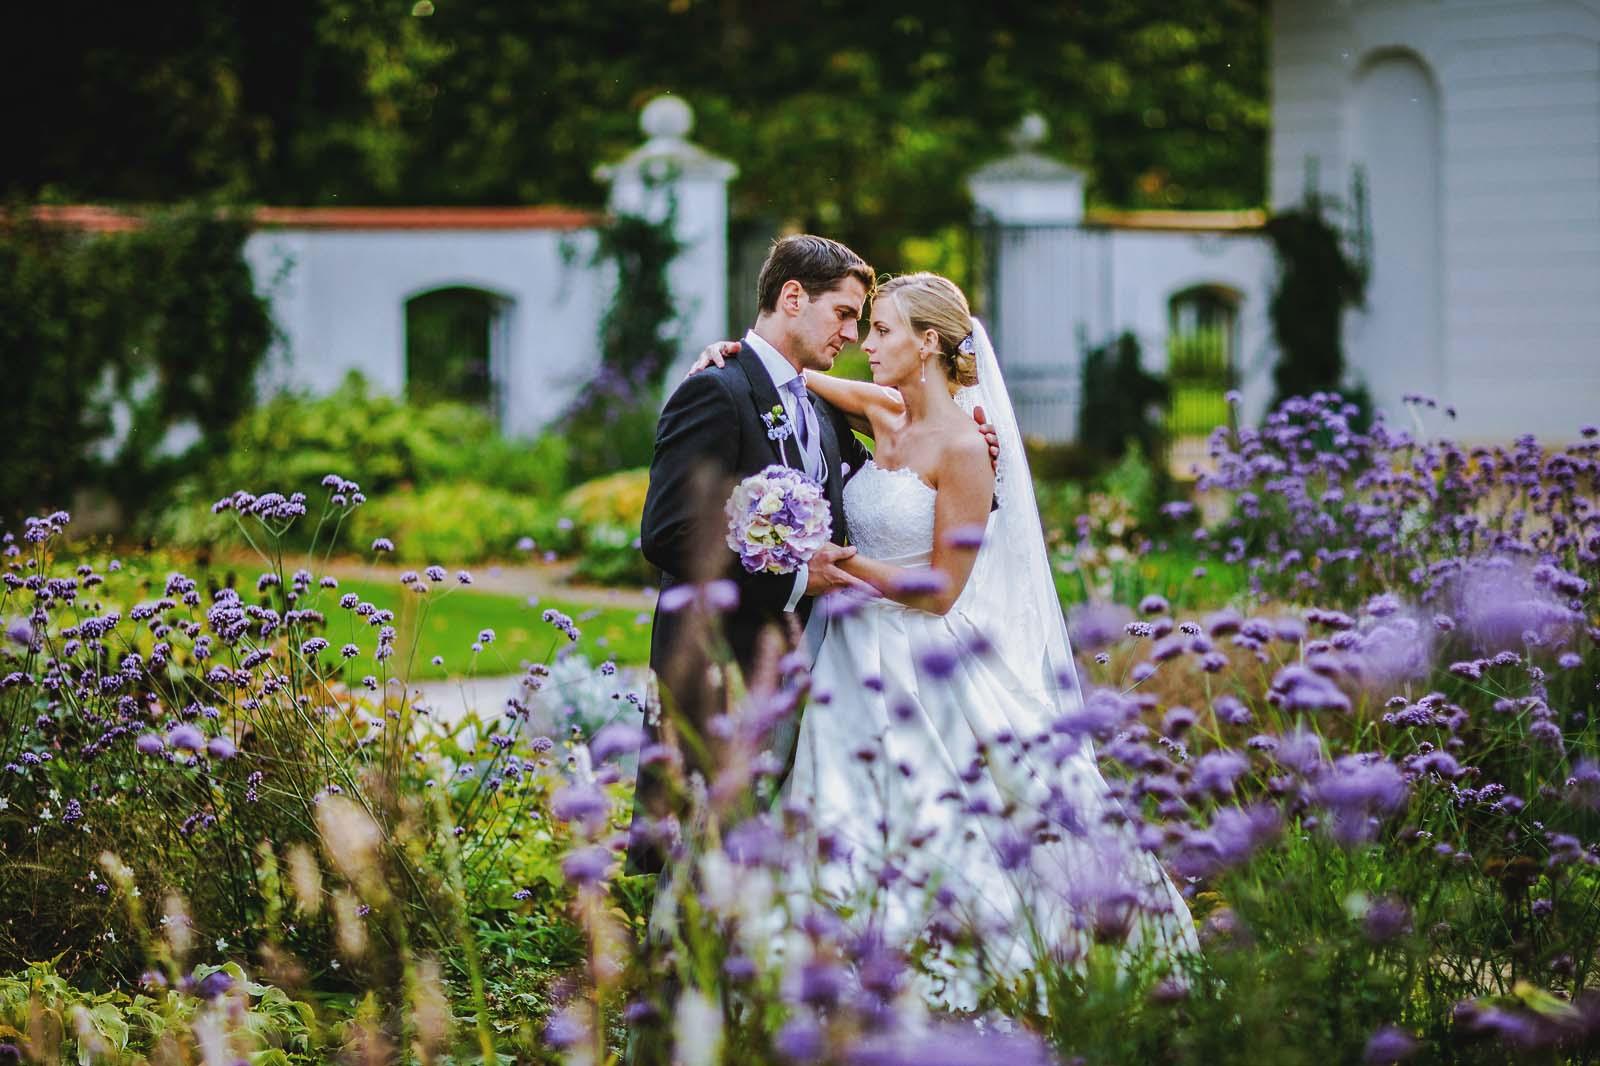 Brautpaar wird vom Hochzeitsfotograf auf Schloss Neuhardenberg fotografiert Copyright by Hochzeitsfotograf www.berliner-hochzeitsfotografie.de